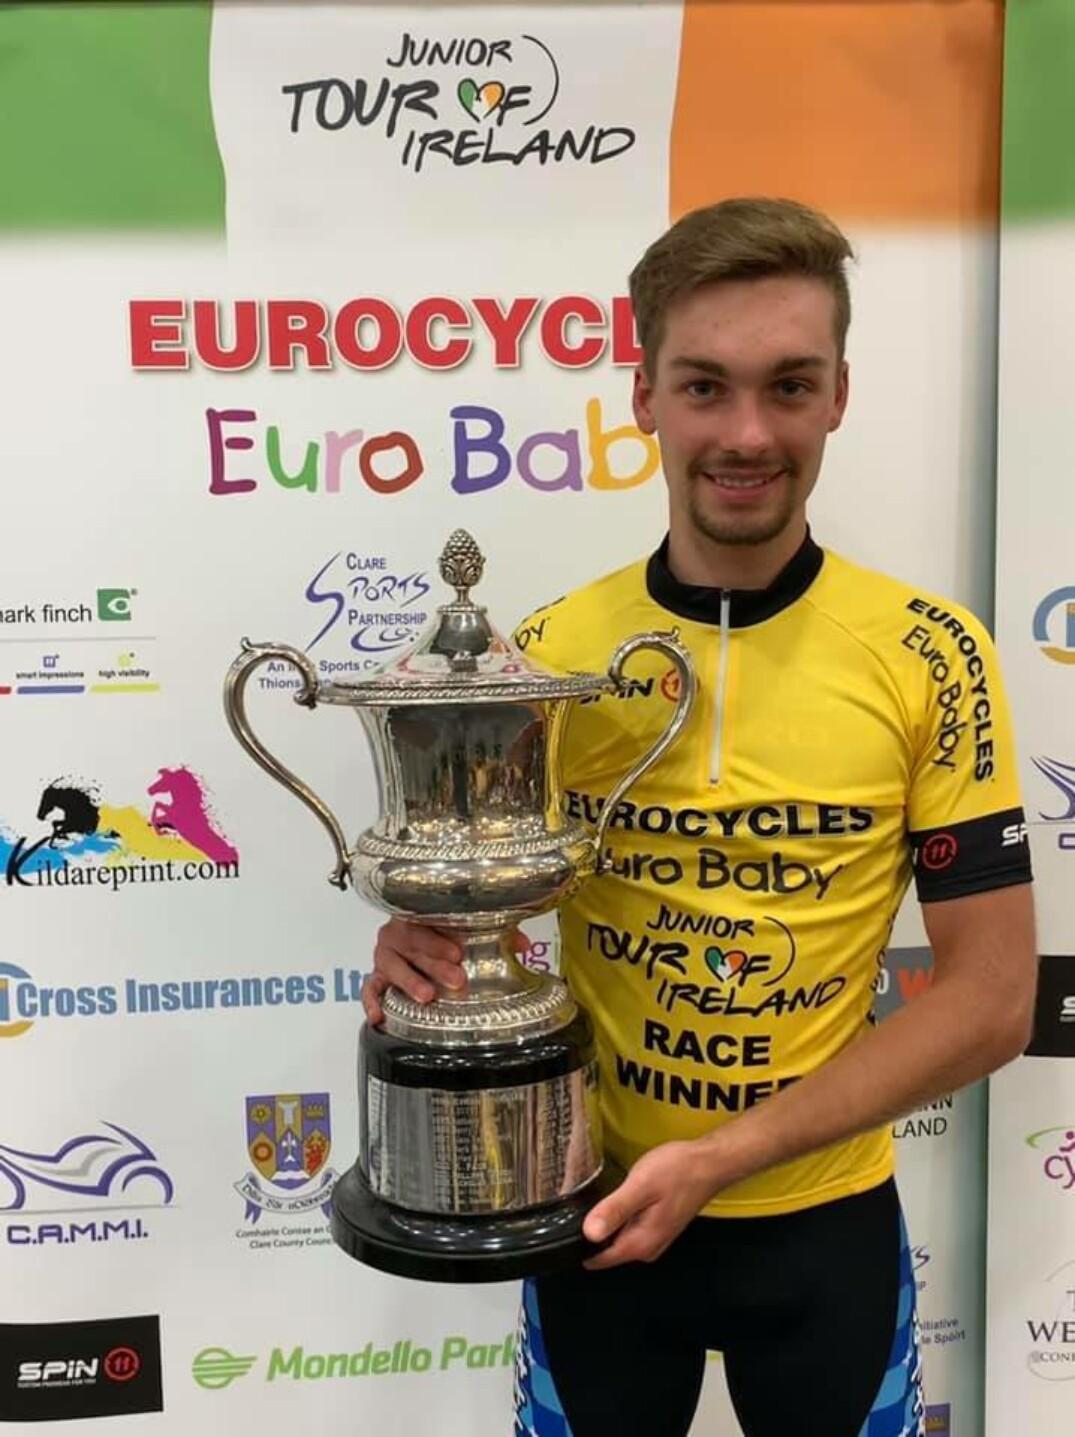 Nicolas Rivard remporte le Tour d'Irlande 2019